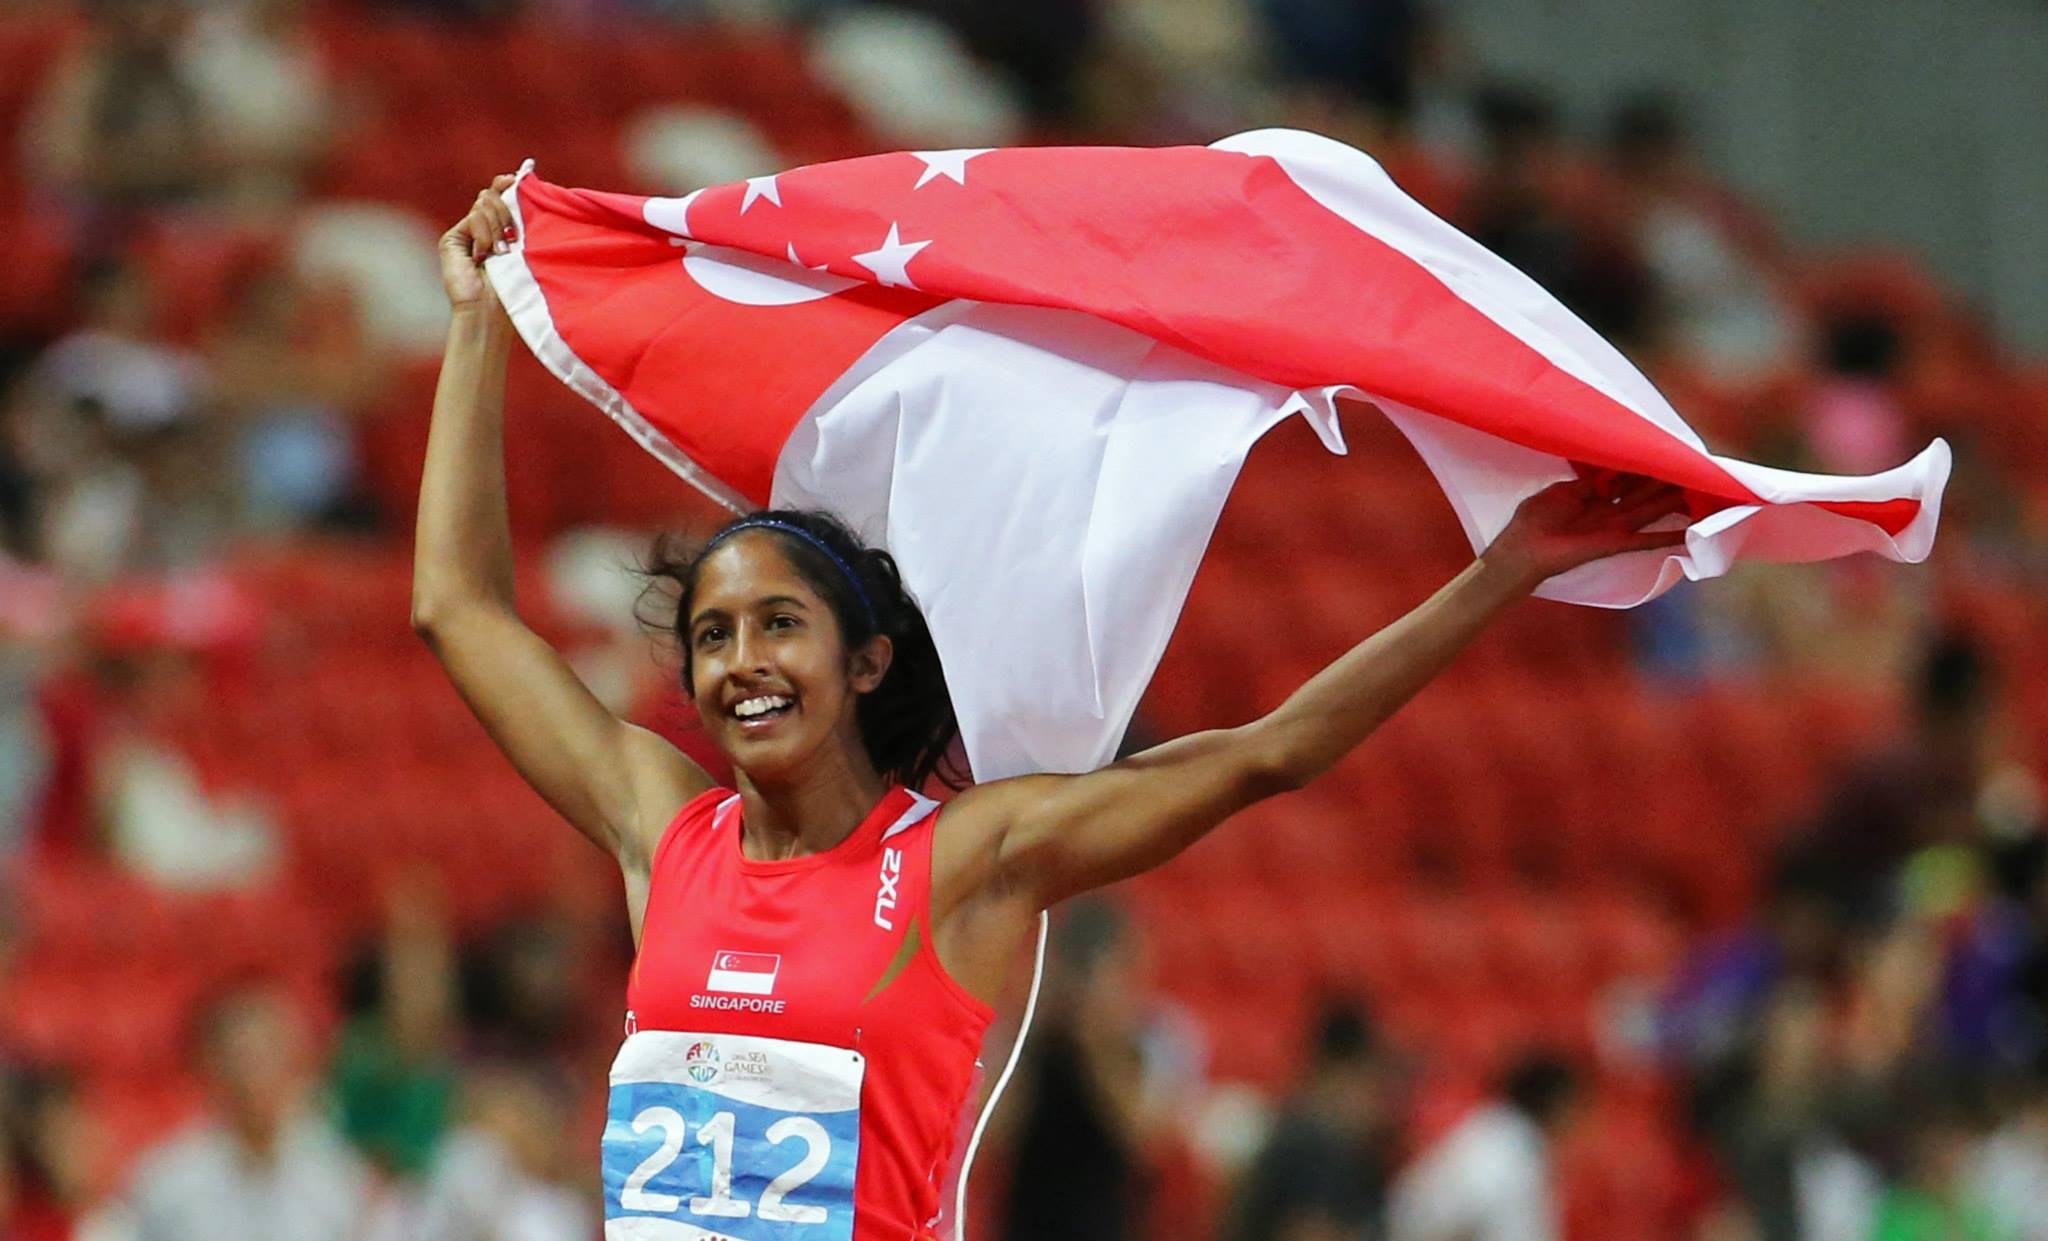 Singapore Athletics